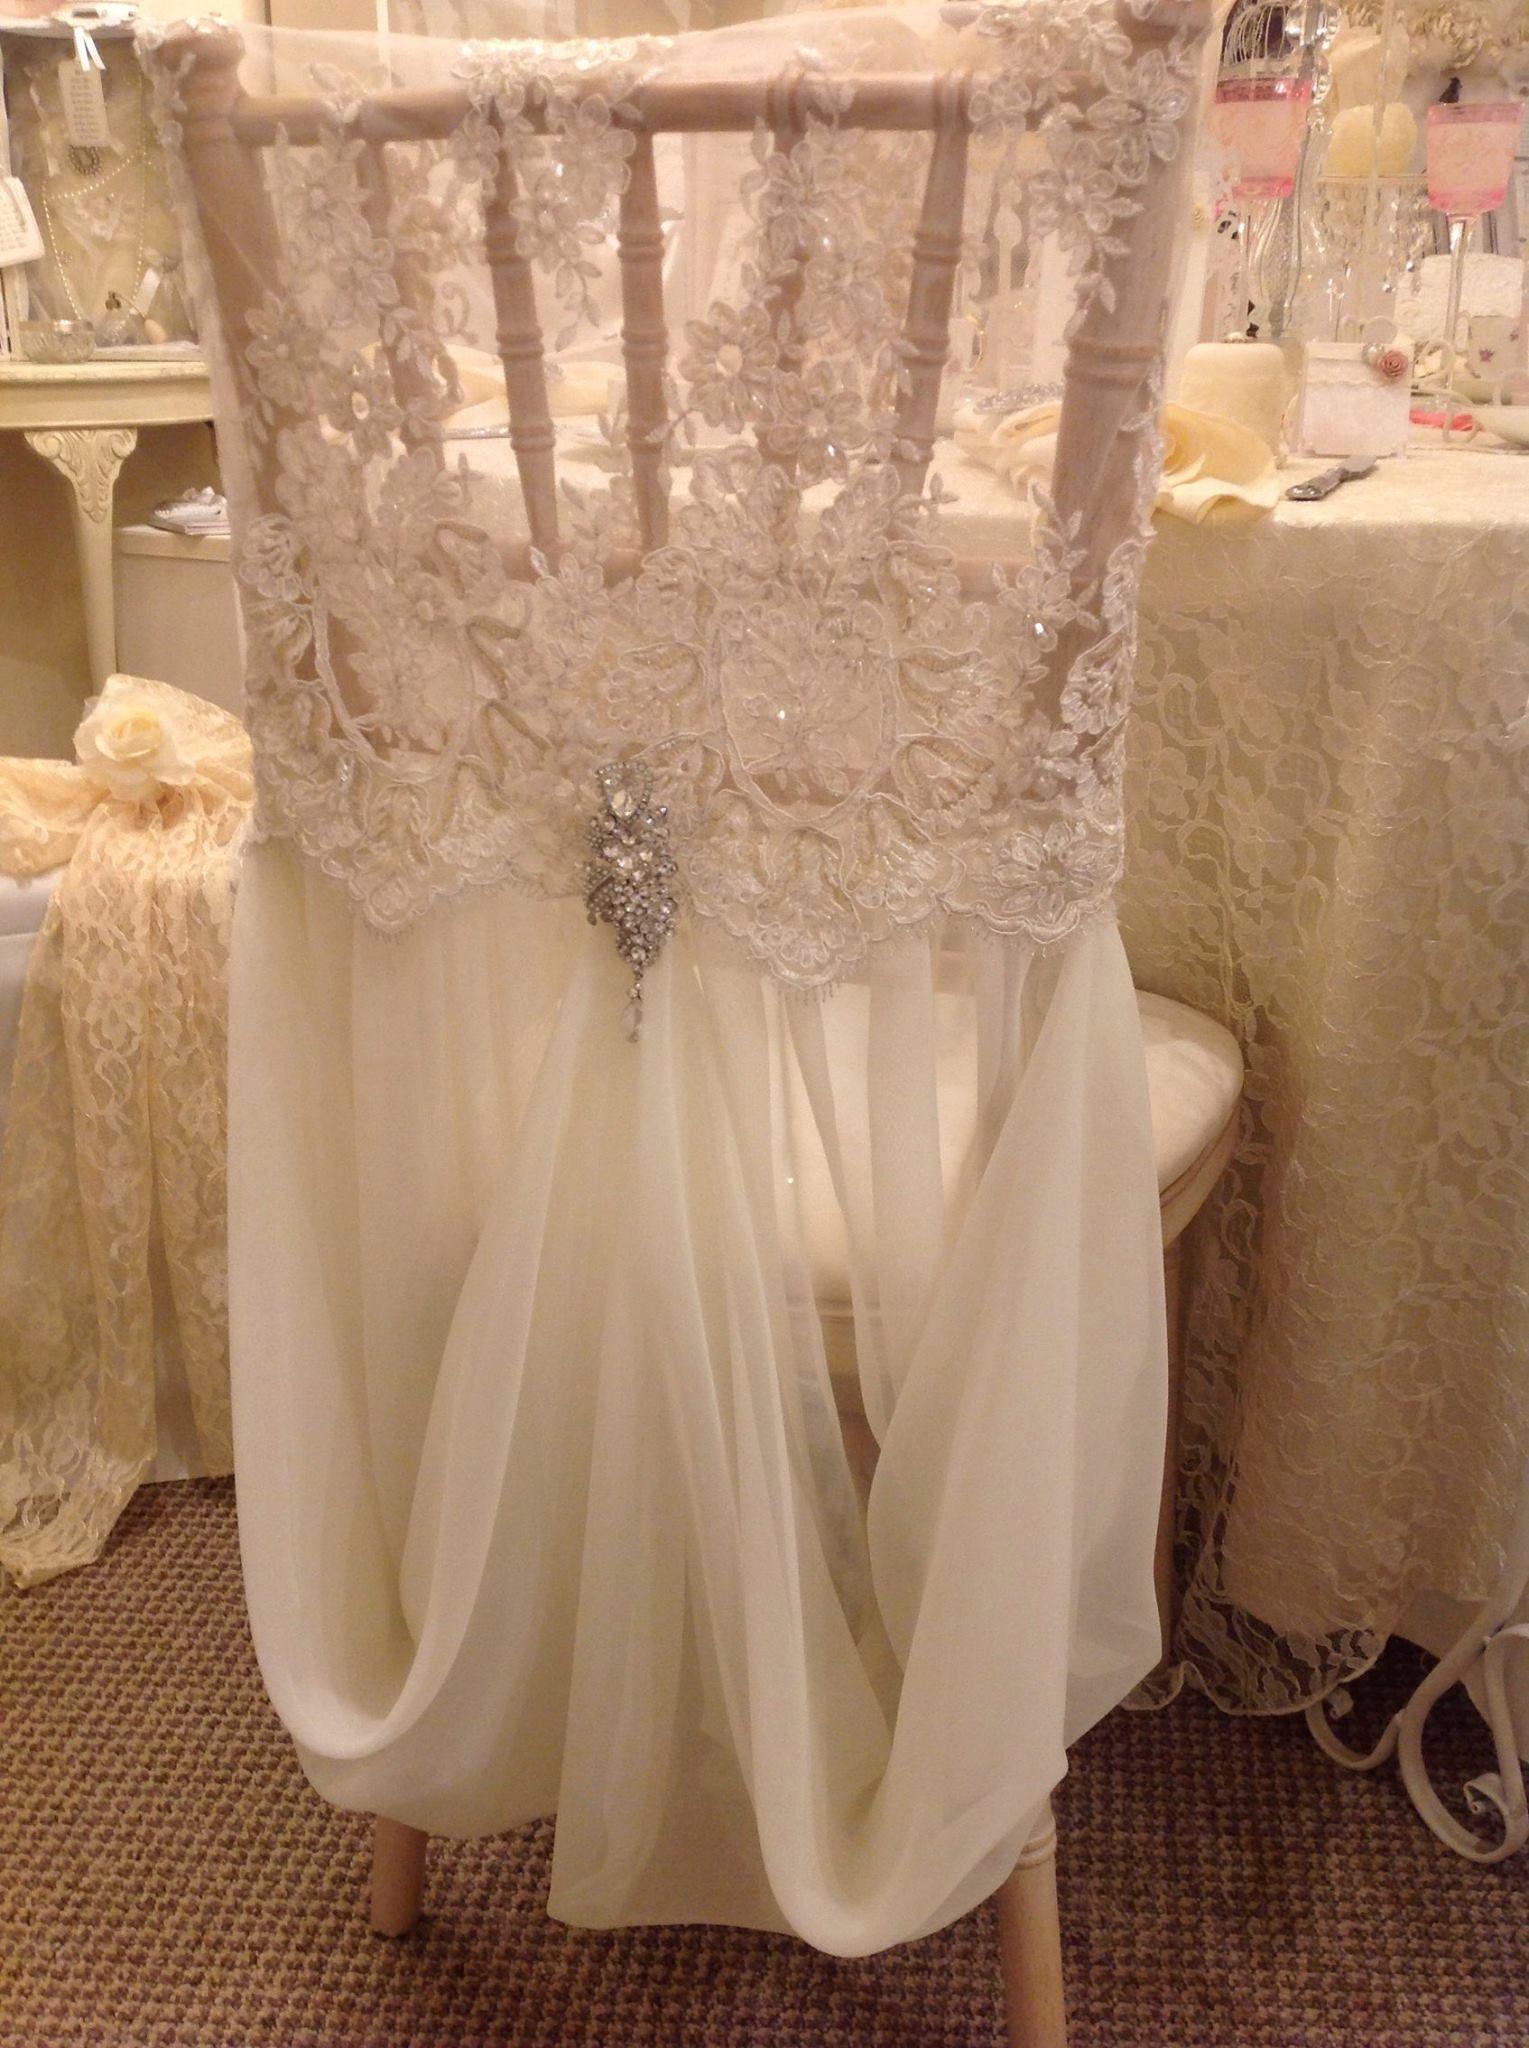 chair back covers wedding leg design beautiful and reception ideas pinterest une jolie decoration pour mariage avec un voilage blanc les chaises beaded lace